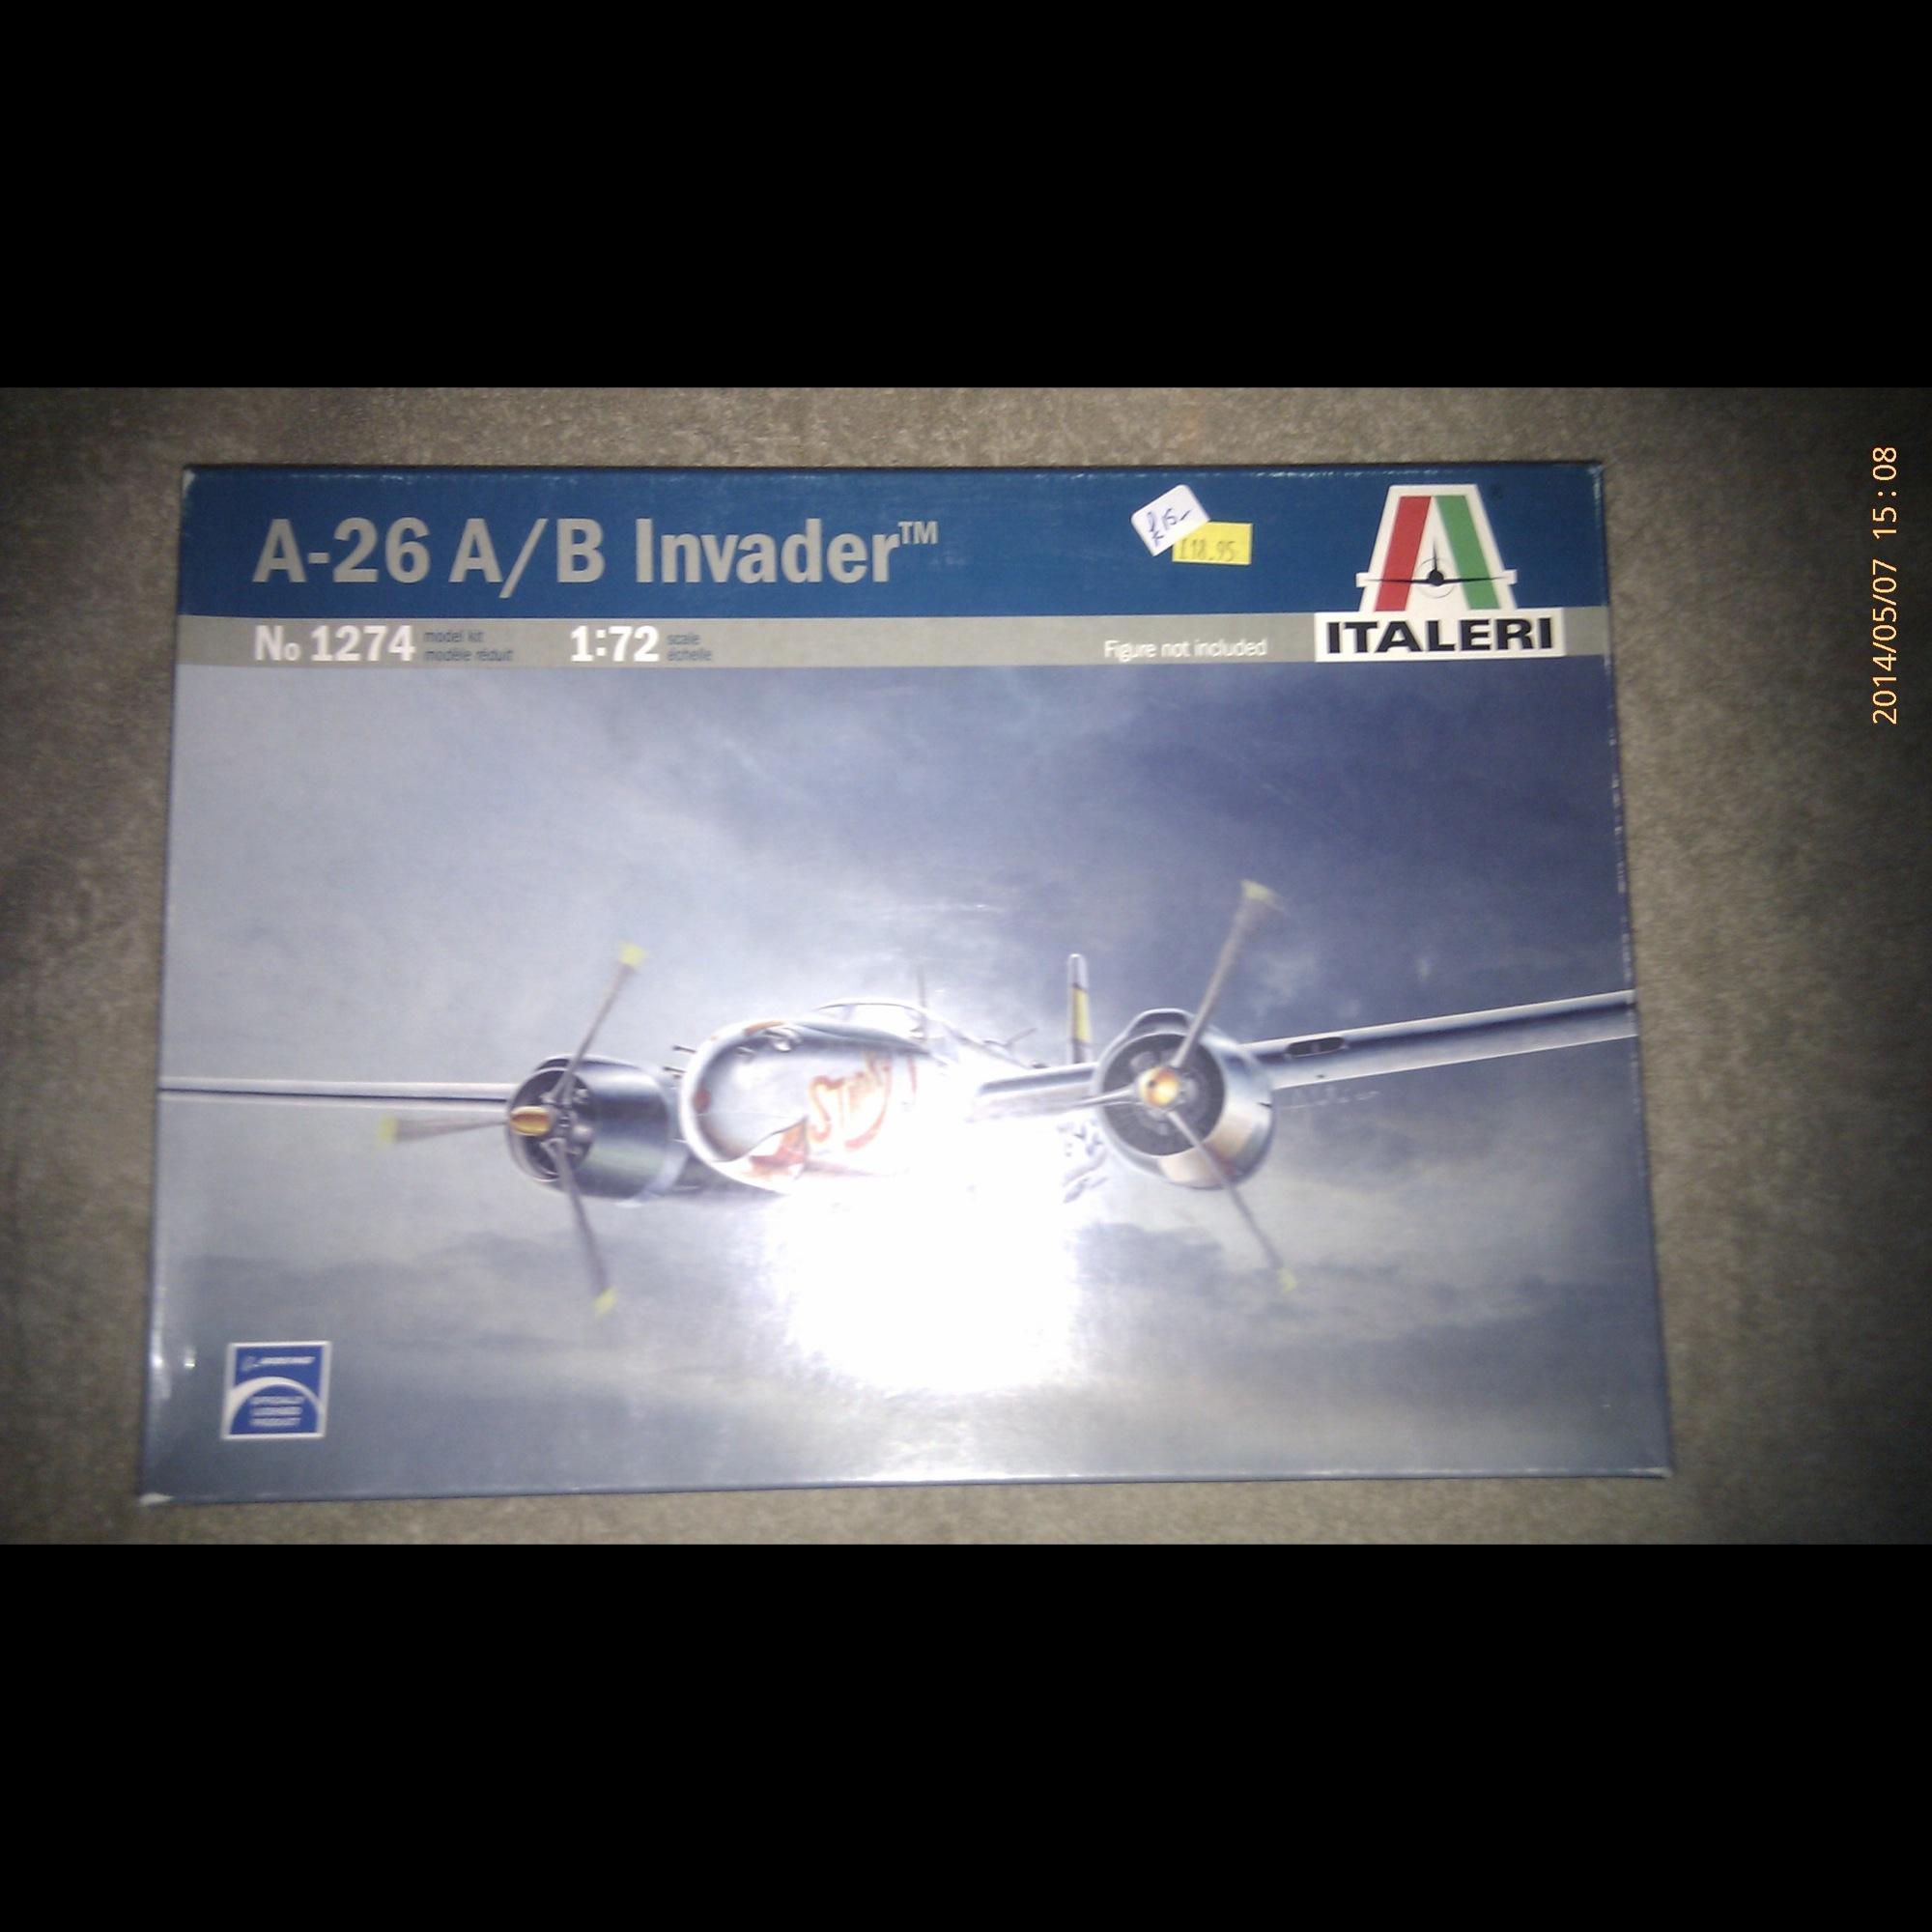 A-26 A/B Invader